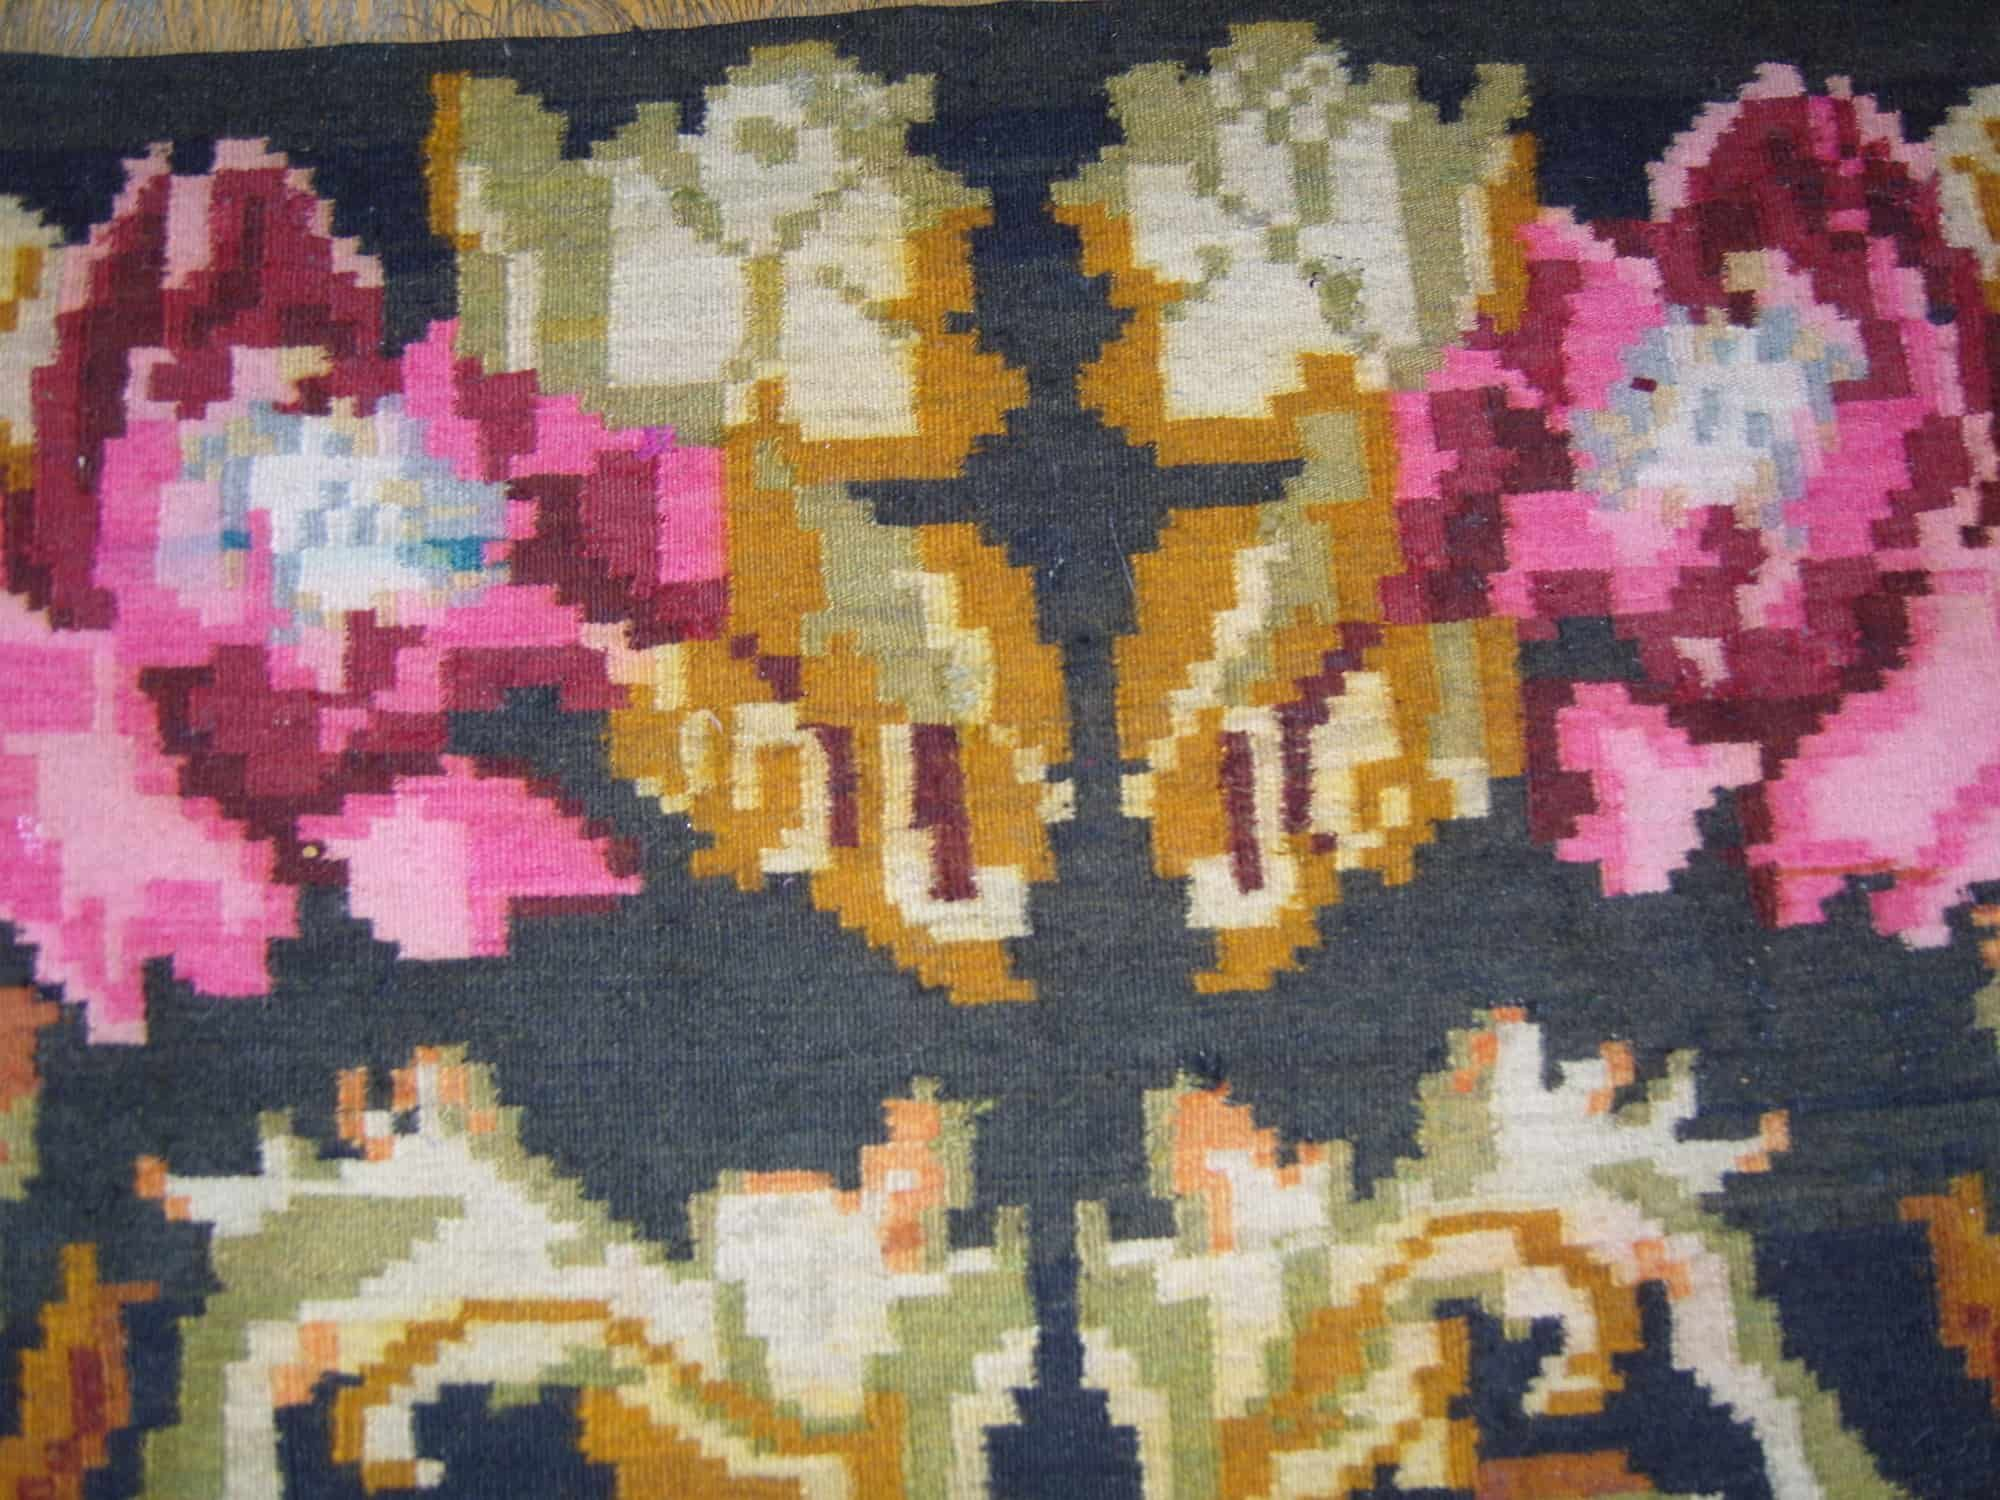 Tapis Moldave Rosenkelim Rozenkelim Rosenteppich Tapis Boho Tapis Azilal Tapis Beni Ouarain Tapis Boucherouite Tapis Grande Taille Tapis Floral Tapis Rose Kelim